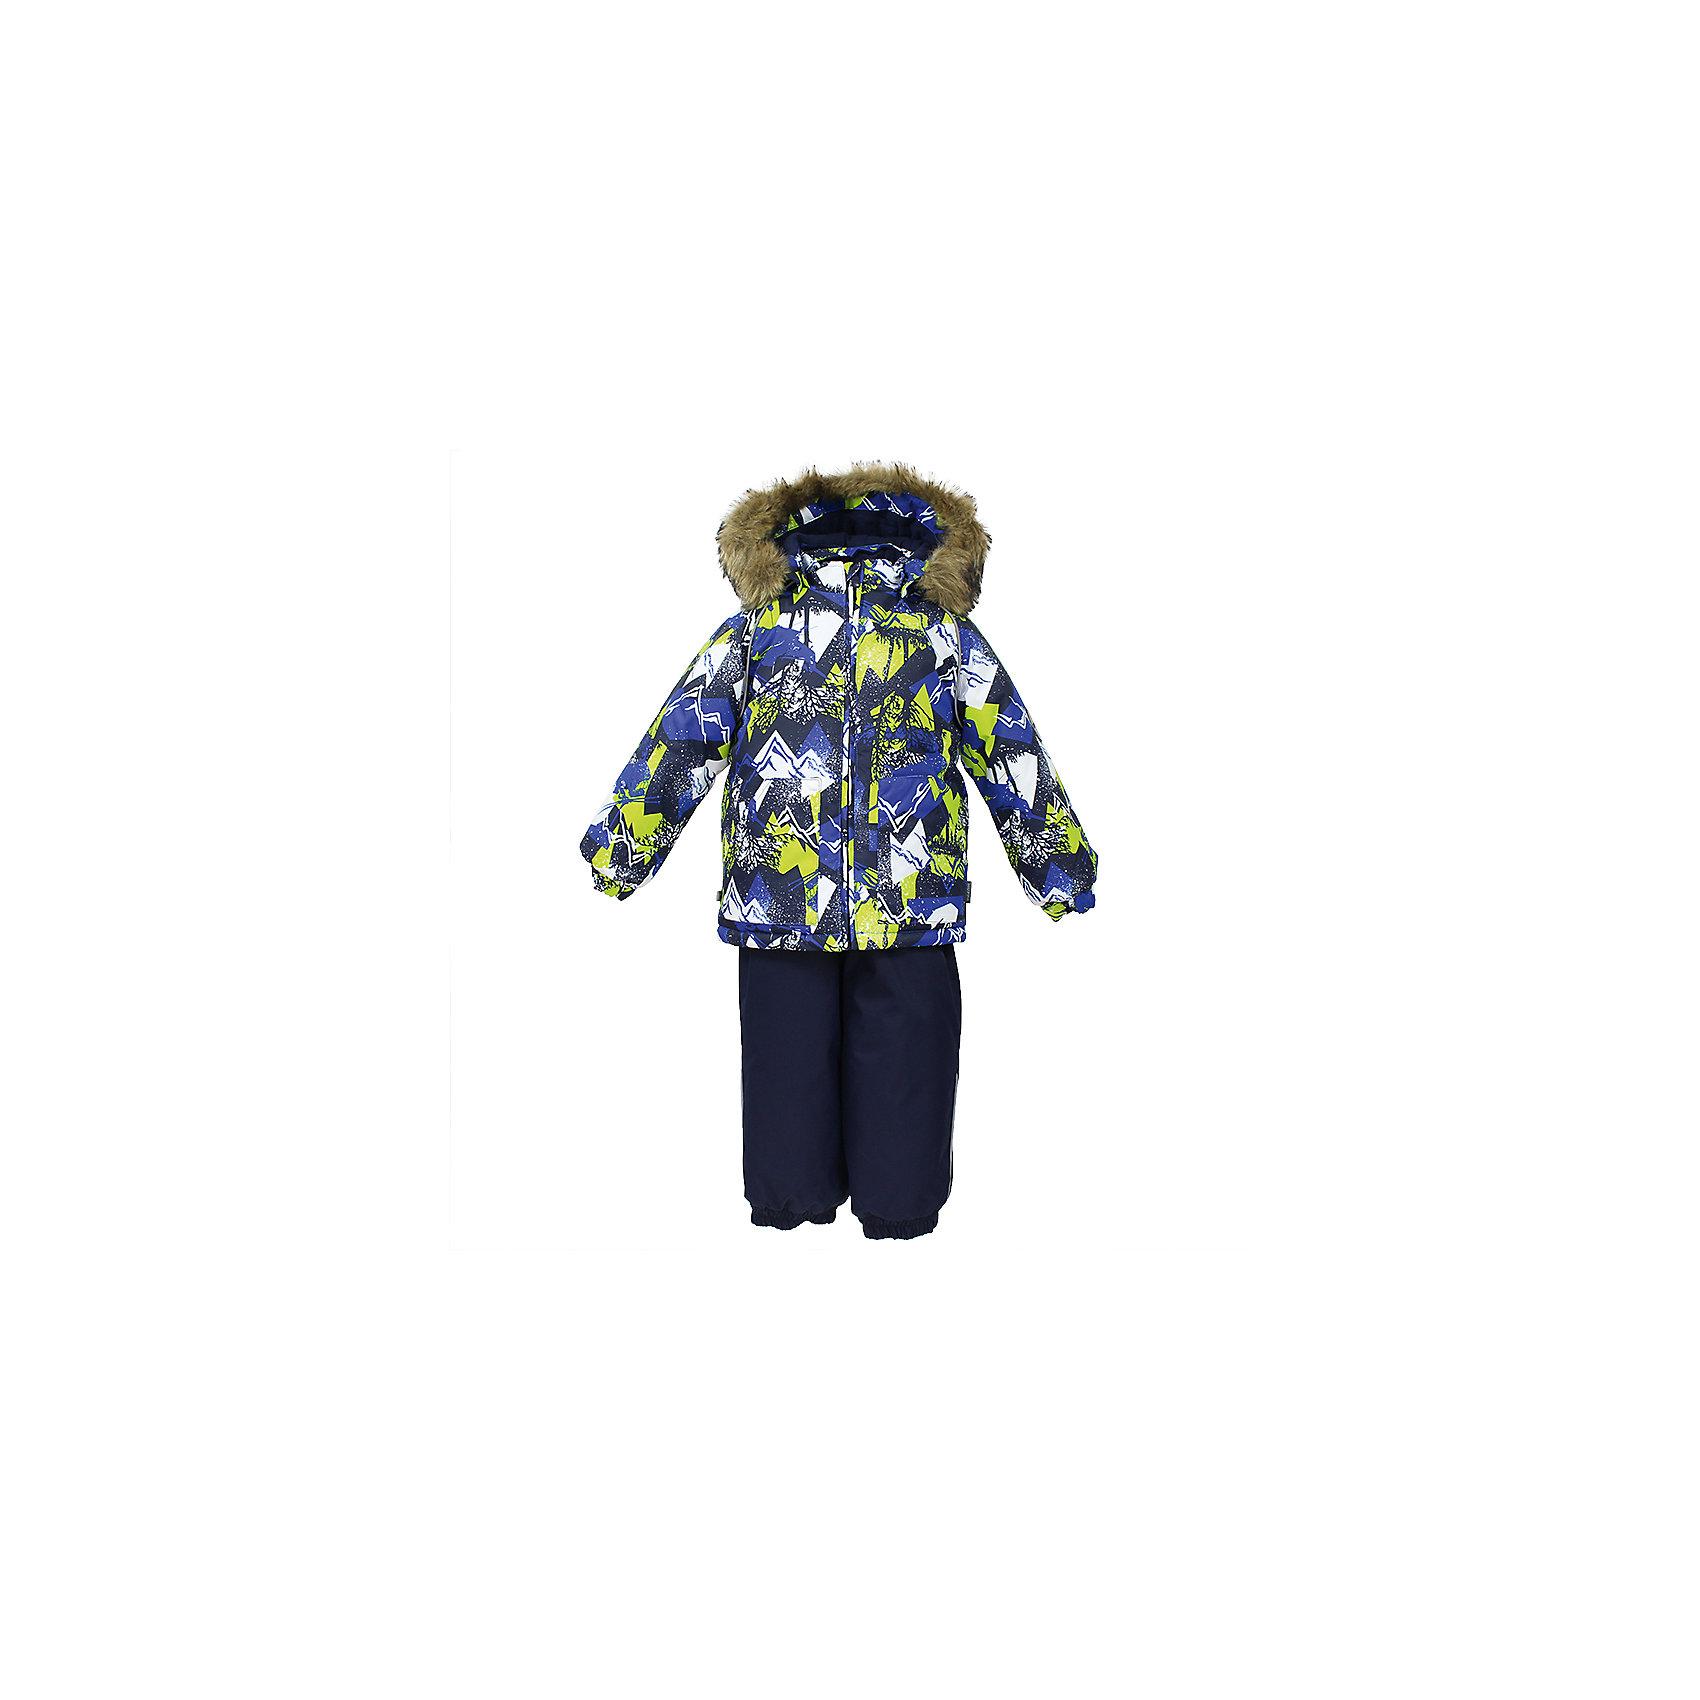 Комплект: куртка и брюки AVERY HuppaВерхняя одежда<br>Характеристика товара:<br><br>• цвет: синий<br>• температурный режим: от -0 до-30;<br>• утеплитель: куртка:300 грамм, брюки:160 грамм(100% полиэстер);<br>• подкладка: 100% хлопок;<br>• воздухопроницаемость: 5 000 мм куртка / 10 000 мм брюки;<br>• водонепроницаемость:  5 000 мм куртка / 10 000 мм брюки;<br>• застежка: молния;<br>• меховая опушка из искуственного меха;<br>• шаговый шов – проклеен;<br>• капюшон съемный;<br>• подтяжки на полукомбинезоне – резинки;<br>• светоотражающие детали;<br>• производитель: HUPPA (Эстония)<br><br>Красивый зимний комплект AVERY для детей младшего возраста. Легкая, но очень теплая куртка из мягкой мембранной ткани не содержит лишних деталей. В модели 300 грамм утеплителя, а значит, вы можете быть уверены, что ваш малыш не замерзнет на прогулке в морозную погоду, даже если будет двигаться не слишком активно. Комплект для малышей AVERY благодаря простым манжетам на резинке и удобной молнии легко надевать и застегивать. Капюшон с меховой опушкой сделан в форме забавного колпачка и при желании отстегивается. <br><br>Практичный однотонный полукомбинезон темного цвета выполнен из более прочной мембраны и скроен без внутренних швов, для лучшей защиты от истирания и попадания влаги. Задний шов проклеен, также для дополнительной защиты от влаги. Манжеты по низу брюк и тканевые штрипки на ботинки надежно фиксируют брюки и защищают от попадания снега. На костюмах AVERY светоотражающие элементы делают вашего ребенка более заметным на улице, даже в условиях плохой видимости и в темное время суток.<br><br>Комплект для малышей AVERY можно купить в нашем интернет-магазине.<br><br>Ширина мм: 356<br>Глубина мм: 10<br>Высота мм: 245<br>Вес г: 519<br>Цвет: синий<br>Возраст от месяцев: 12<br>Возраст до месяцев: 15<br>Пол: Унисекс<br>Возраст: Детский<br>Размер: 80,104,98,92,86<br>SKU: 7026988